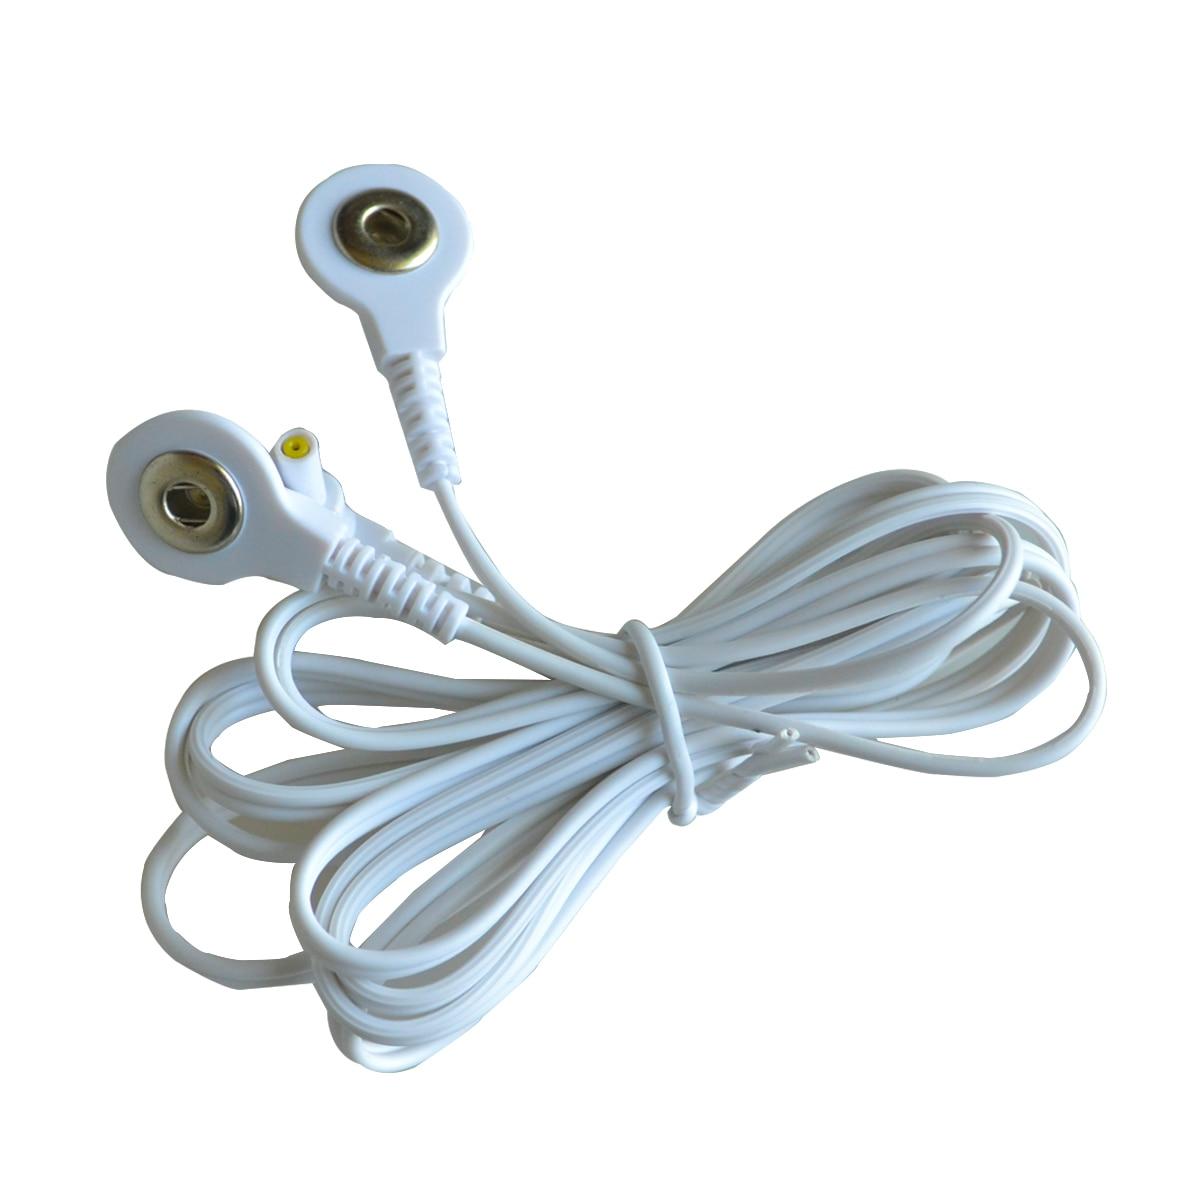 Cables de conexión de repuesto de 50 unids/lote Cables de plomo de electrodo de enchufe de 2,35mm para máquinas de terapia electrónica TENS 7000 y TENS-in Masaje y relajación from Belleza y salud    1